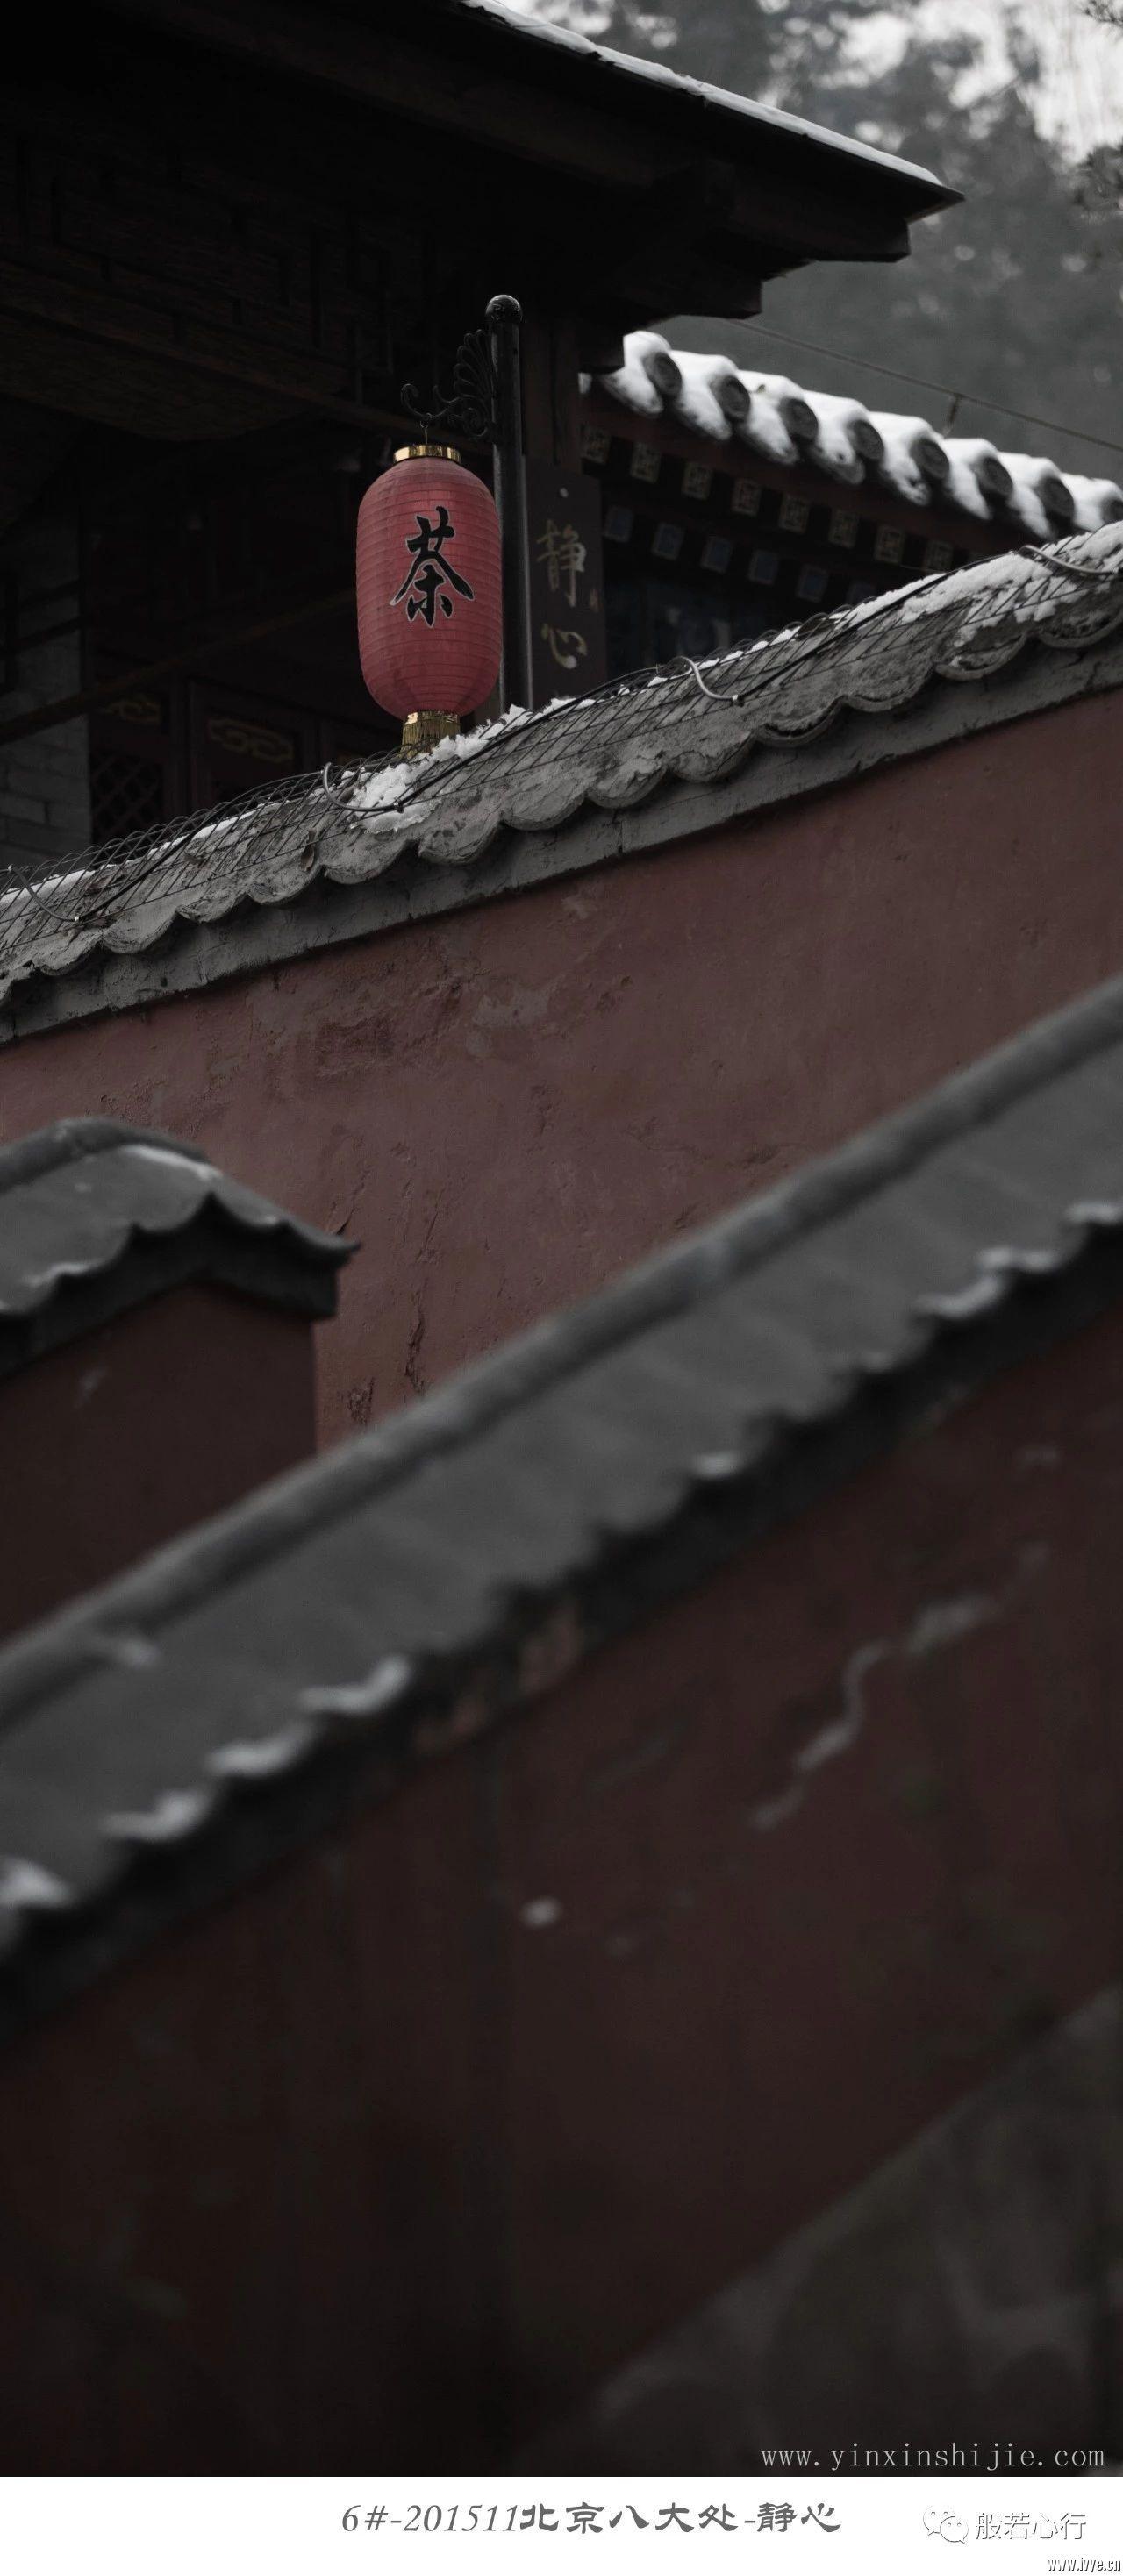 6#-201511北京八大处-静心.jpg